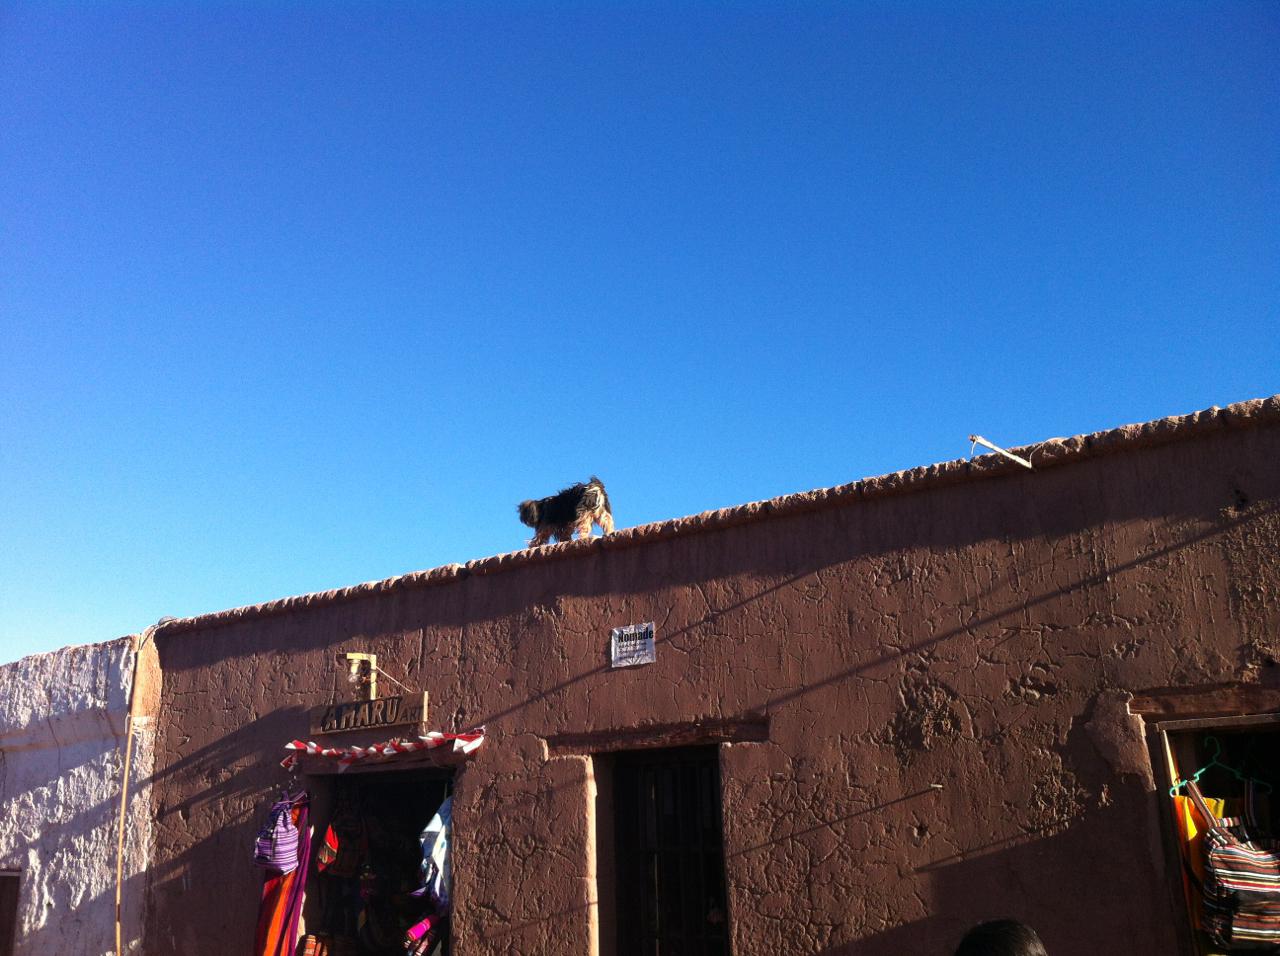 E aqui o cachorro também sobe no telhado. Interessante notar (e valorize isso) as construções, restaurantes e hotéis que respeitam o meio ambiente e usam o adobe, material do próprio Atacama. O aspecto é mais rústico e simples, mas o processo é o mais correto.